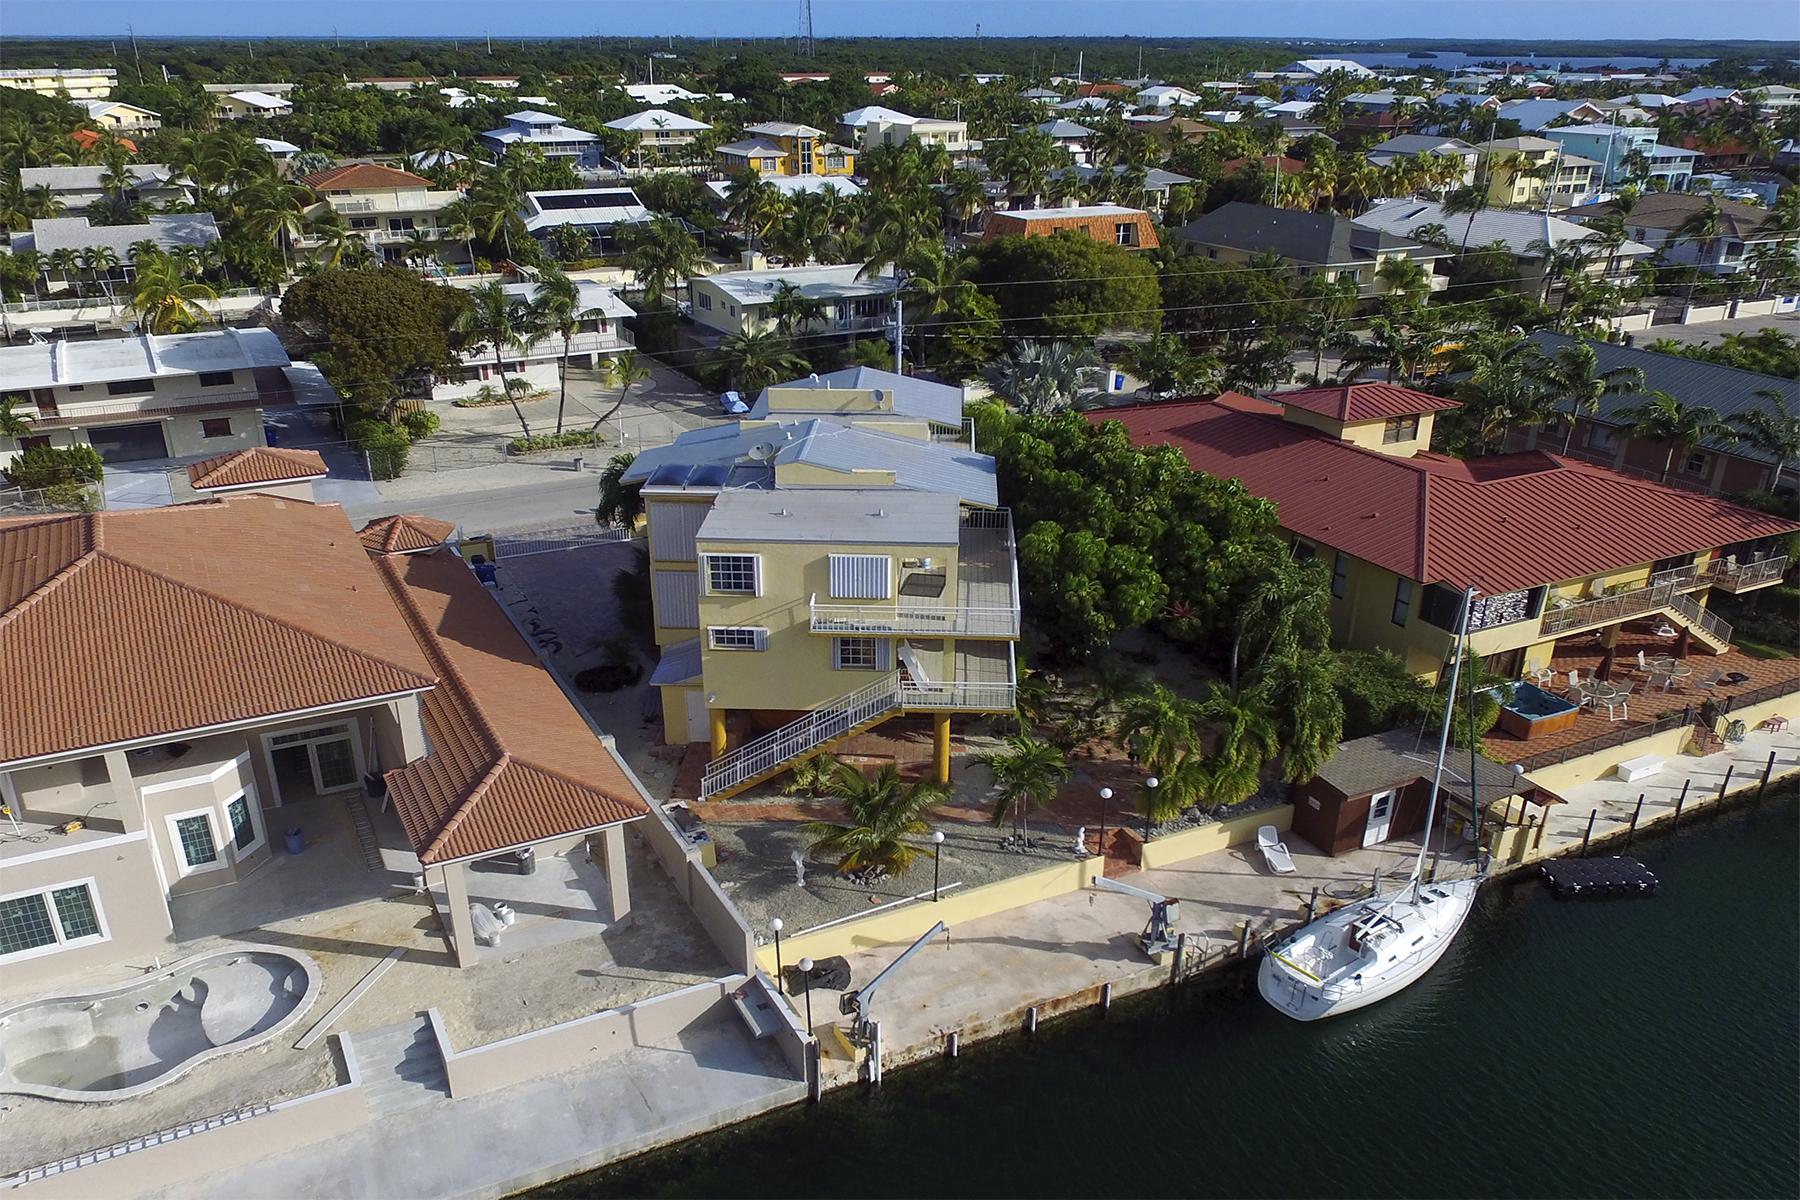 Κτίριο με ξεχωριστά διαμερίσματα για πολλές οικογένειες για την Πώληση στο Port Largo Waterfront Duplex 263 Saint Thomas Ave Key Largo, Φλοριντα 33037 Ηνωμενεσ Πολιτειεσ